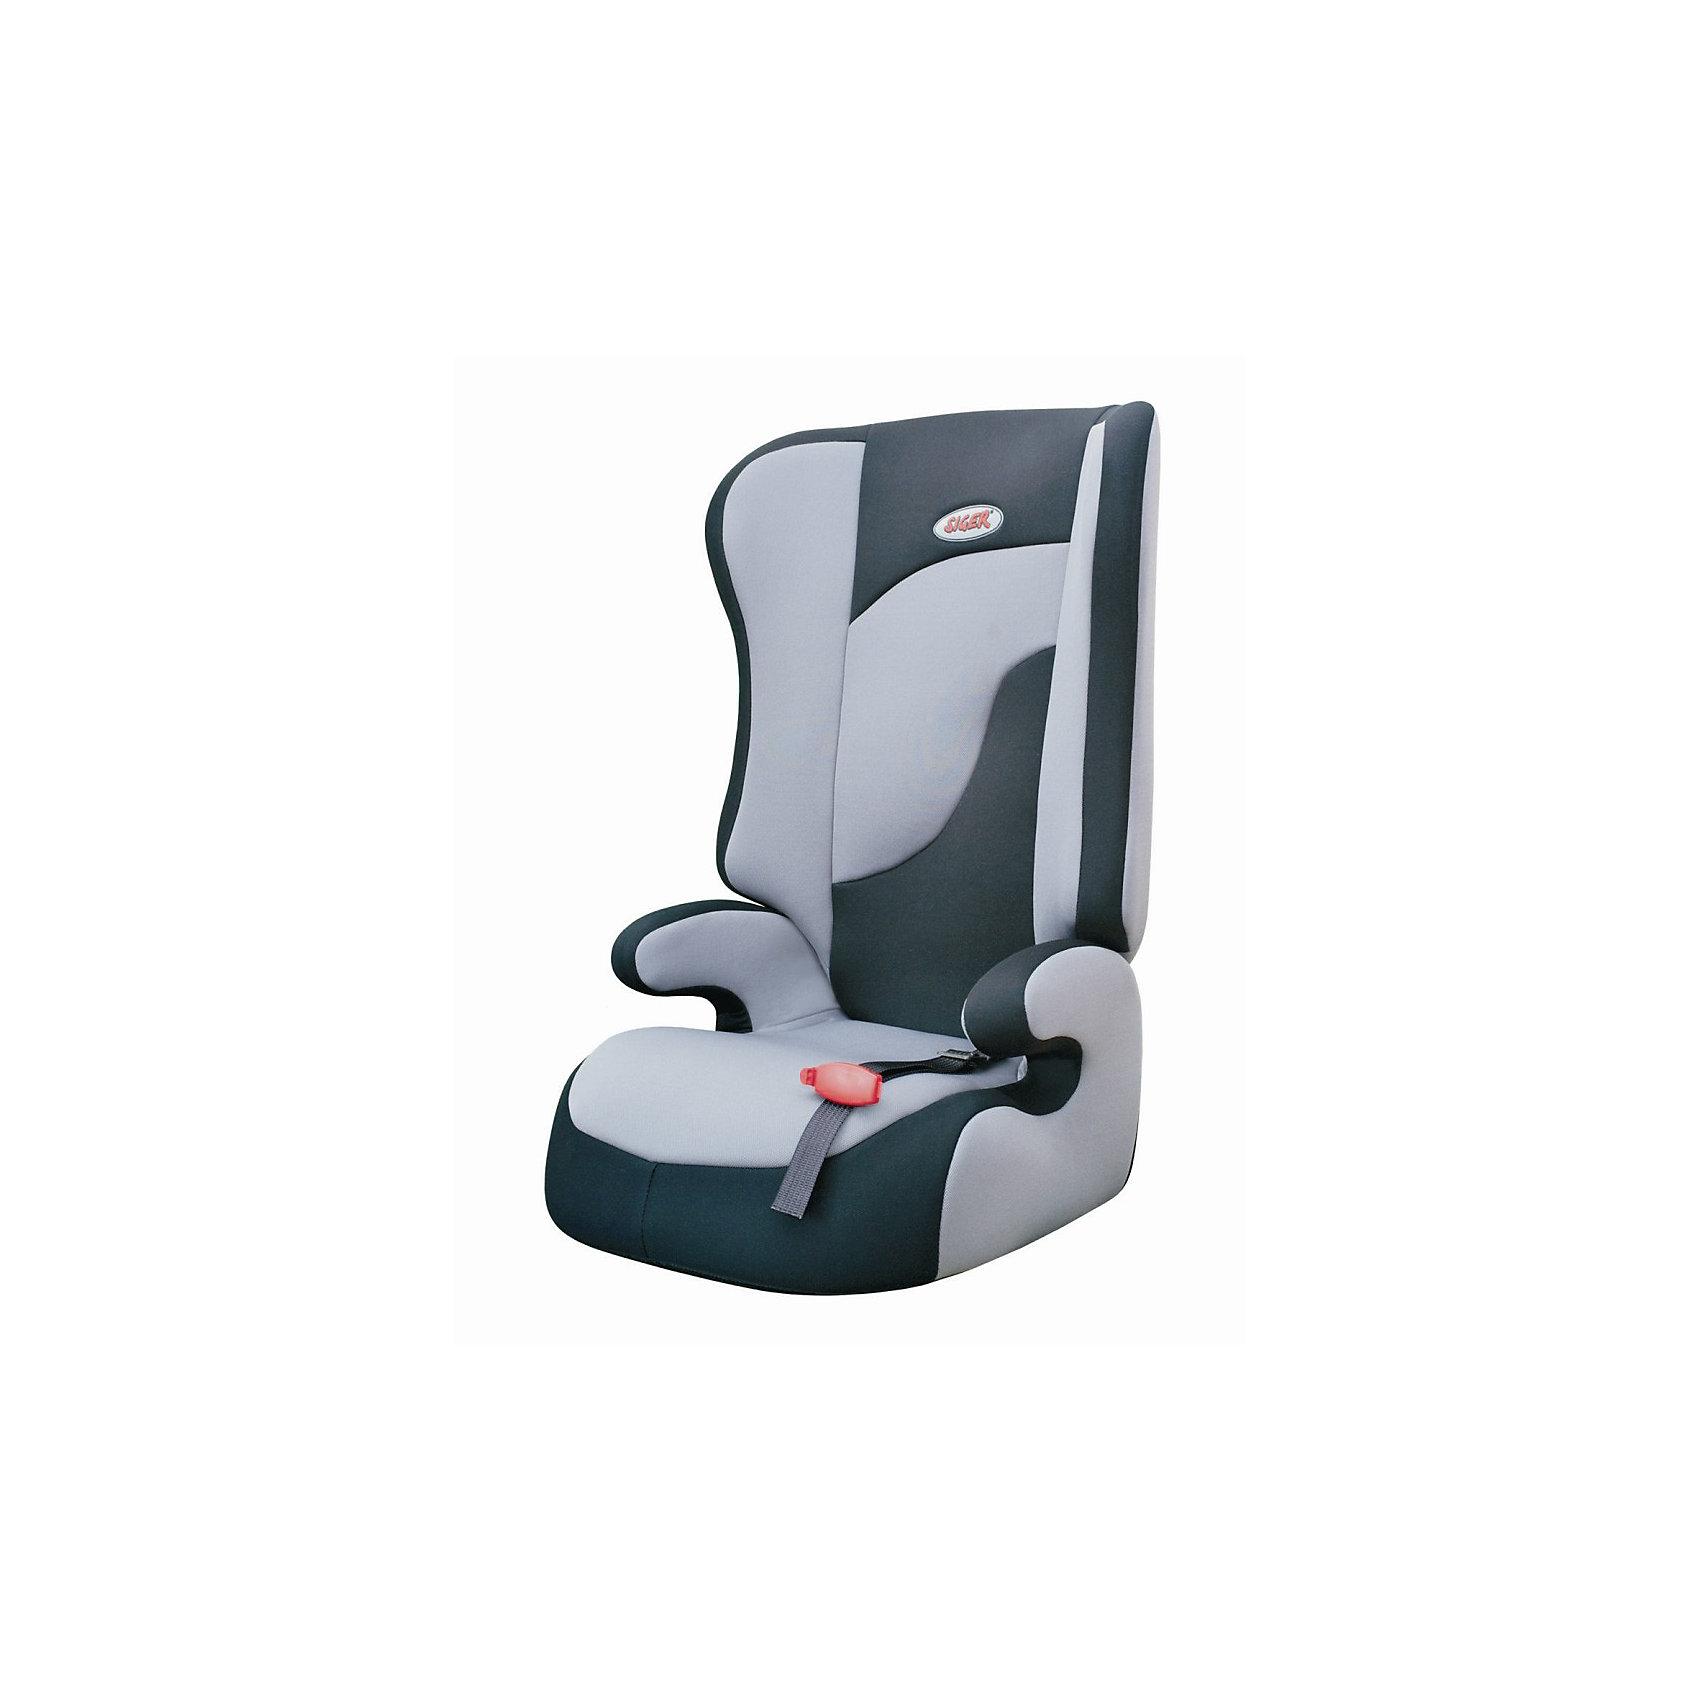 Автокресло Siger Спорт, 15-36 кг, серыйГруппа 2-3 (От 15 до 36 кг)<br>Детское автомобильное кресло SIGER Спорт.<br>Подходит для детей весом от 15 до 36 килограмм. Возрастная категория от 3 до 12 лет.<br>Описание: <br>- трансформируется в  модели «-Прайм» и «-Бустер»; <br>- чехол – трикотажное полотно, плотность 250 г/м2;<br>- ортопедическая спинка и особая форма подголовника защитят голову и плечи малыша от боковых ударов;<br>- износостойкий чехол легко снимается для стирки (ручной и автоматической), не садится, не выгорает и не вызывает аллергических реакций;<br>- ребенок пристегивается  штатным ремнем безопасности автомобиля;<br>- округлая форма сиденья не «режет» ножки, предохраняя их от затекания  в дальней дороге.<br>Дополнительная информация:<br>- ширина посадочного места – 27-34 см;<br>- глубина посадочного места – 30 см;<br>- высота посадочного места – 12 см;<br>- высота спинки – 58 см;<br>- вес – 3,8 кг.<br> - корпус – ПНД-пластмасса ПЭ2МТ76-17;<br>- цвет – серый.<br>Детское автомобильное кресло SIGER Спорт можно купить в нашем интернет-магазине.<br><br>Ширина мм: 440<br>Глубина мм: 420<br>Высота мм: 800<br>Вес г: 3800<br>Возраст от месяцев: 36<br>Возраст до месяцев: 144<br>Пол: Унисекс<br>Возраст: Детский<br>SKU: 3340355